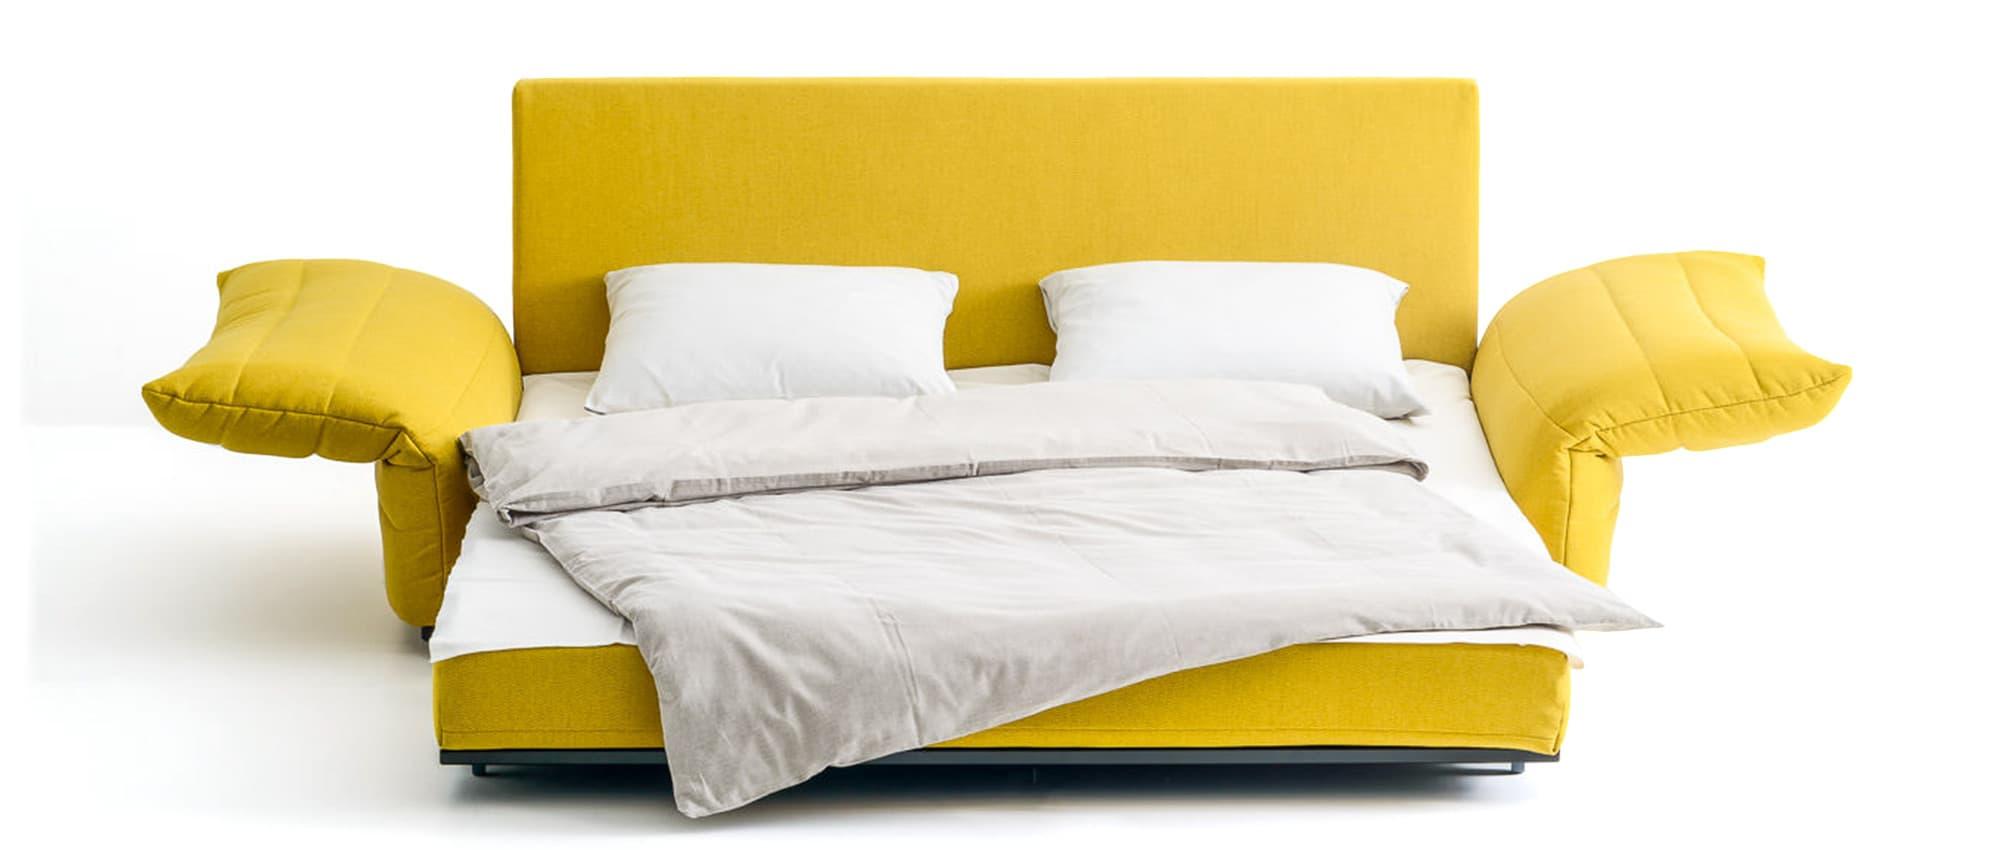 ZERO Schlafsofa von Franz Fertig - Liegefläche ca. 150x200 cm. Schlafsofa in gelb. 150x200 cm große Liegefläche. Sofa mit Schlaffunktion.